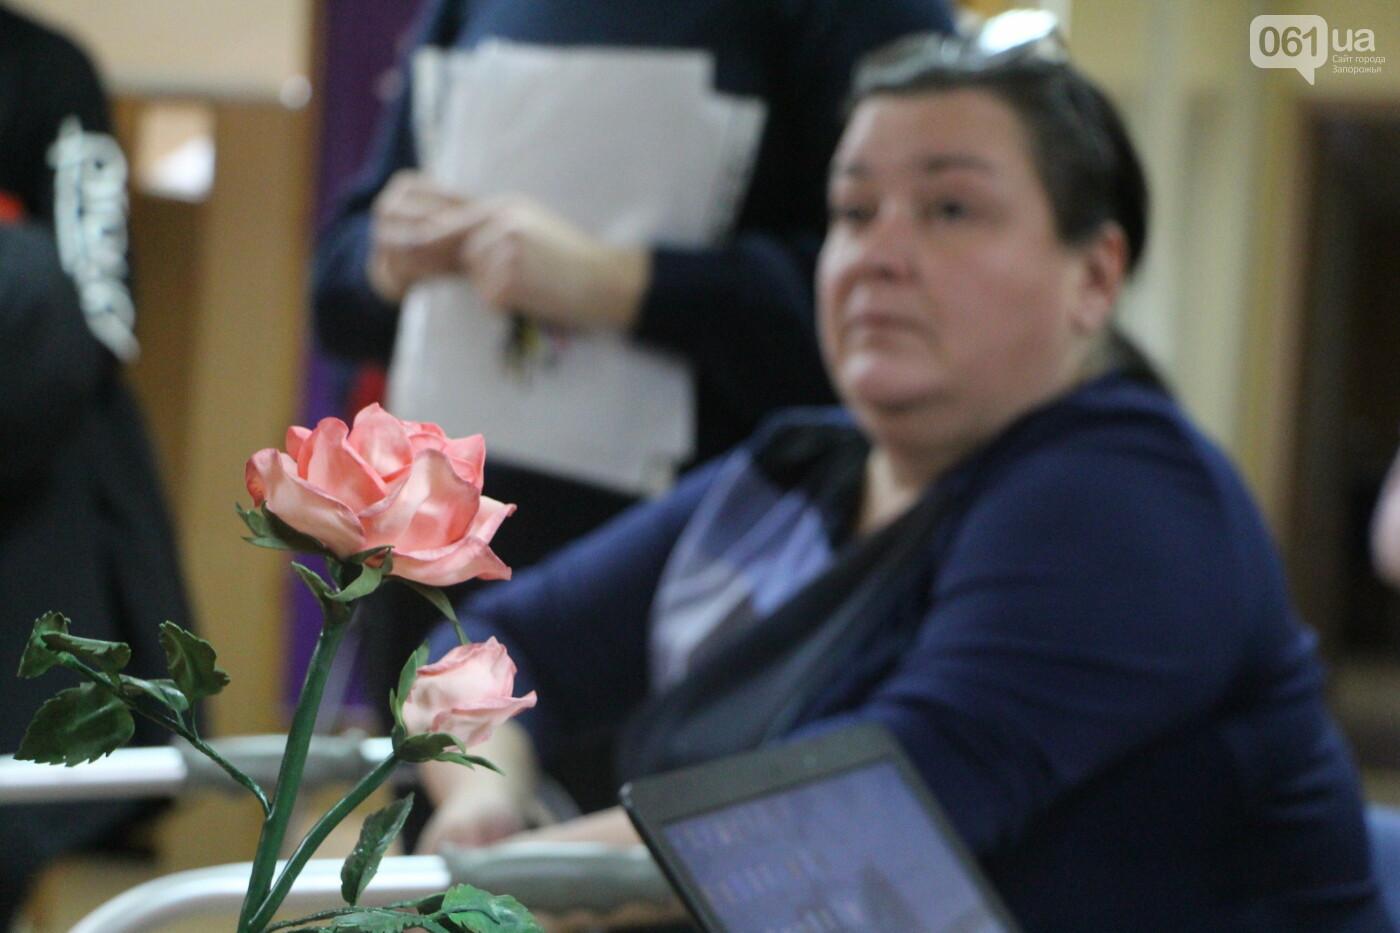 """ЛГБТ, люди с инвалидностью и модульный городок: в Запорожье прошла экскурсия """"Автобус прав человека"""", - ФОТОРЕПОРТАЖ, фото-17"""